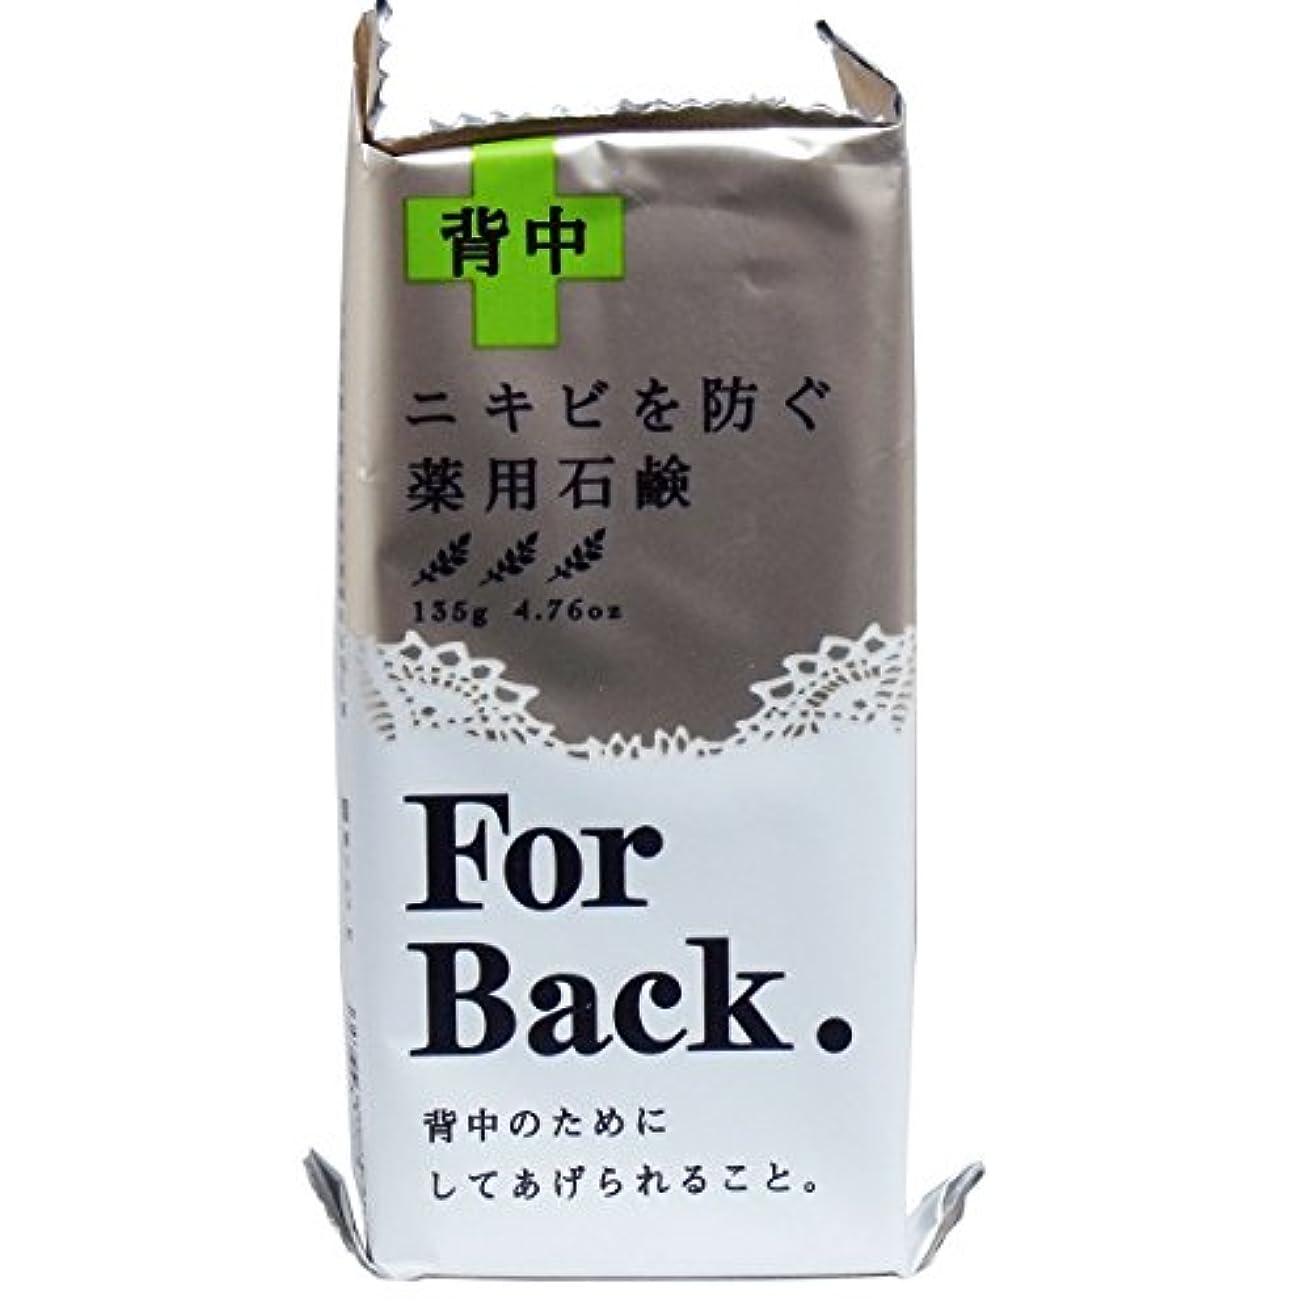 起きろつぶやきアイドル薬用石鹸ForBack 135g × 10個